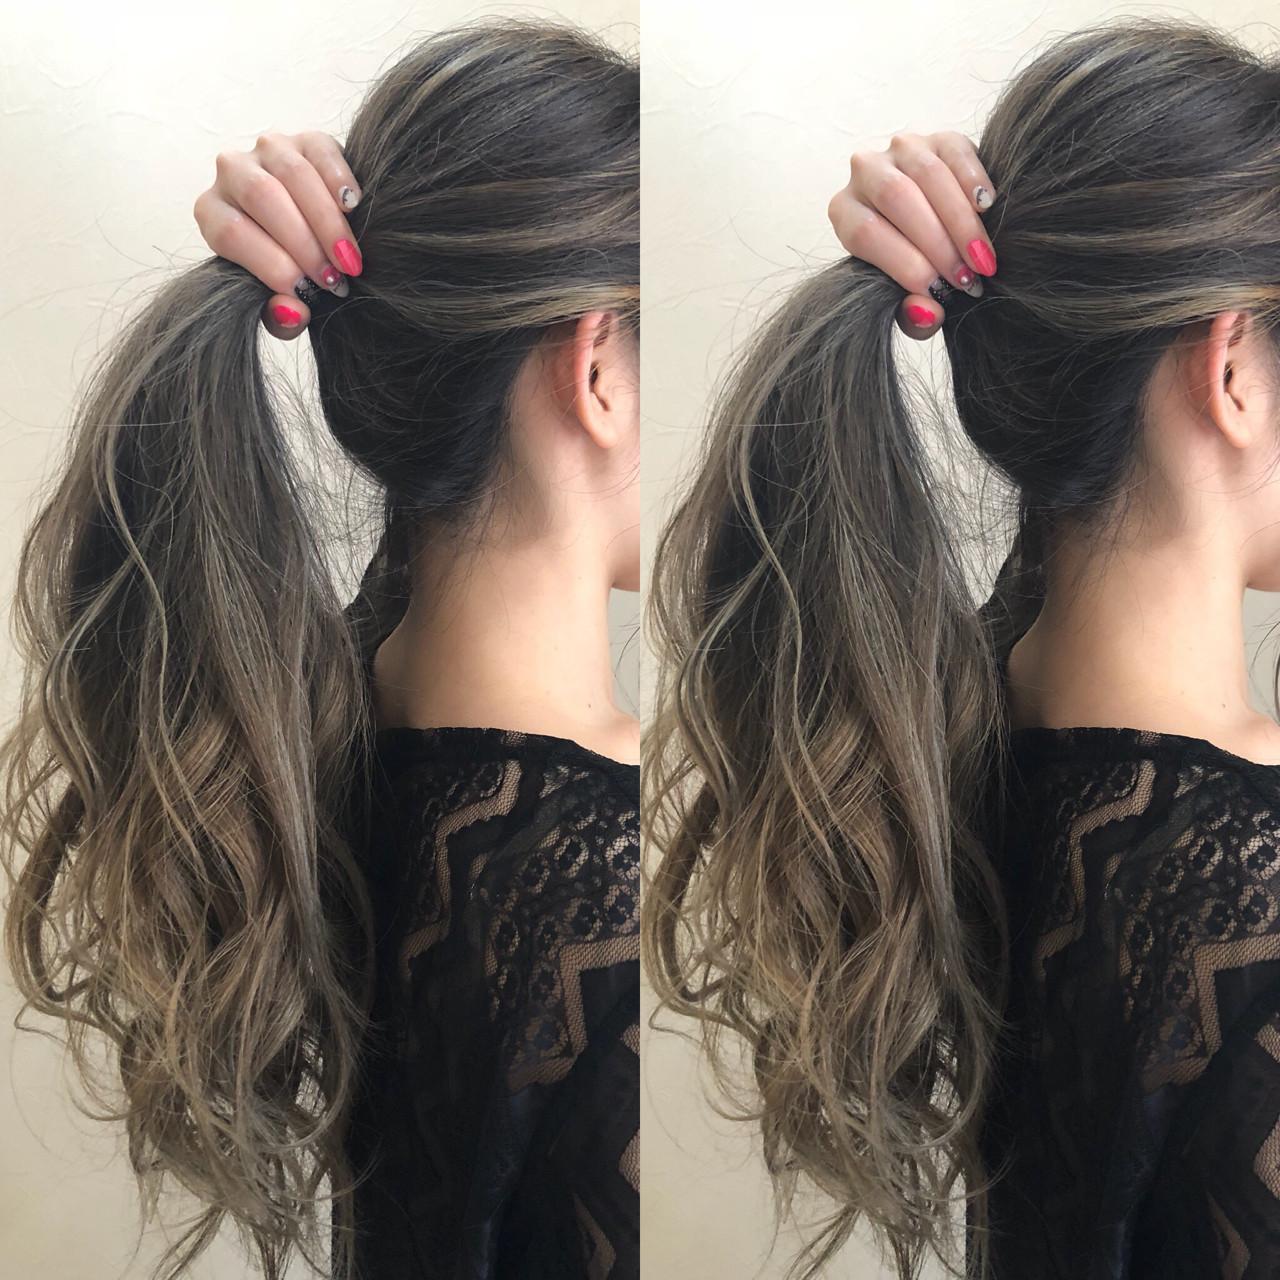 ヘアアレンジ 抜け感 カール ロング ヘアスタイルや髪型の写真・画像